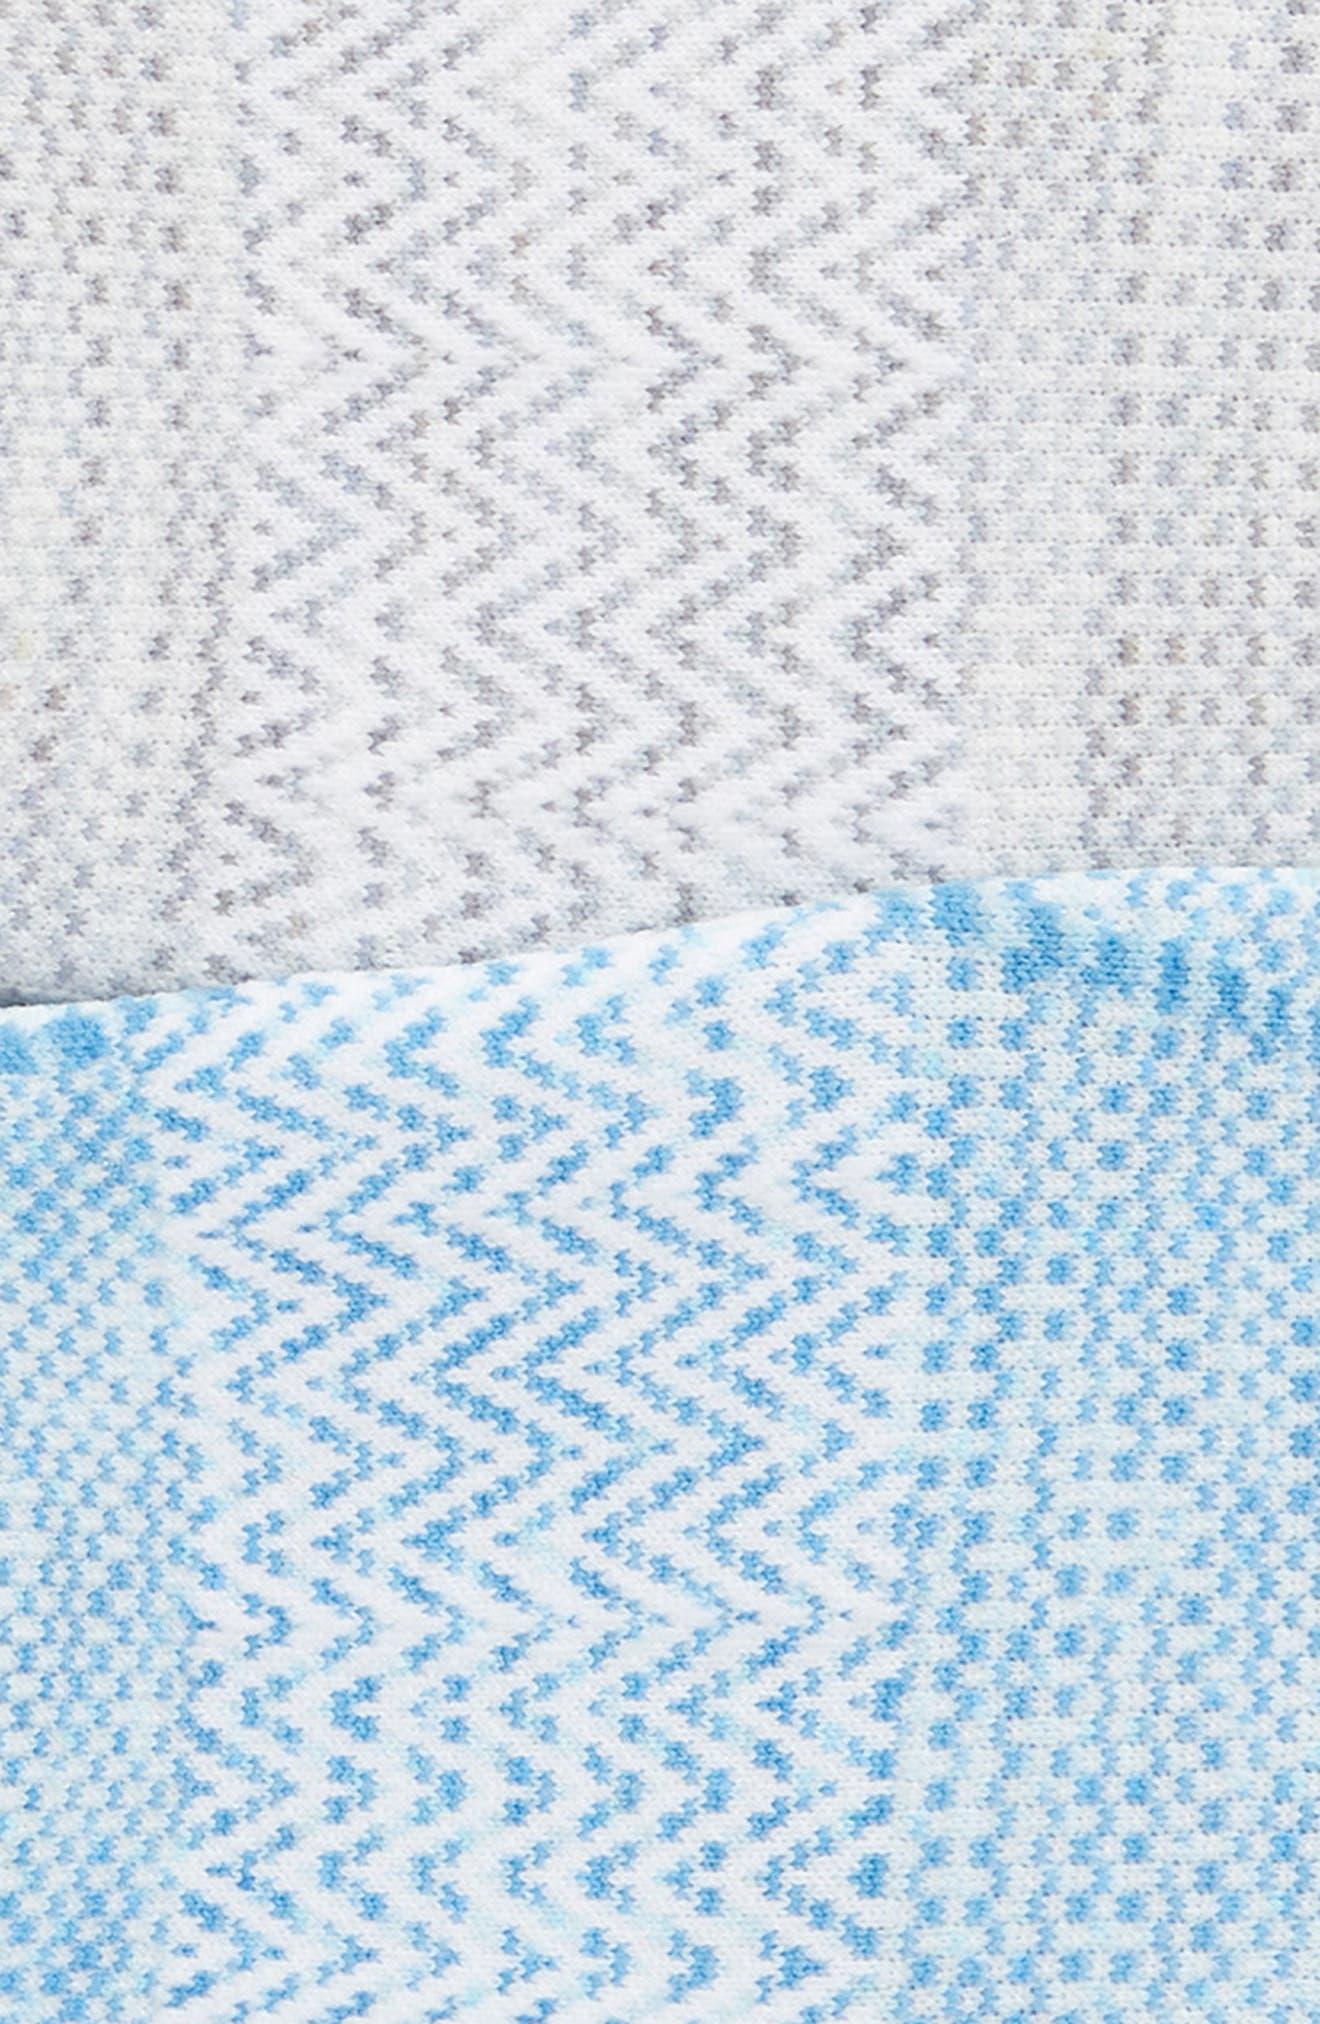 Ultra Light Run 2-Pack Socks,                             Alternate thumbnail 2, color,                             BLUE CAMP